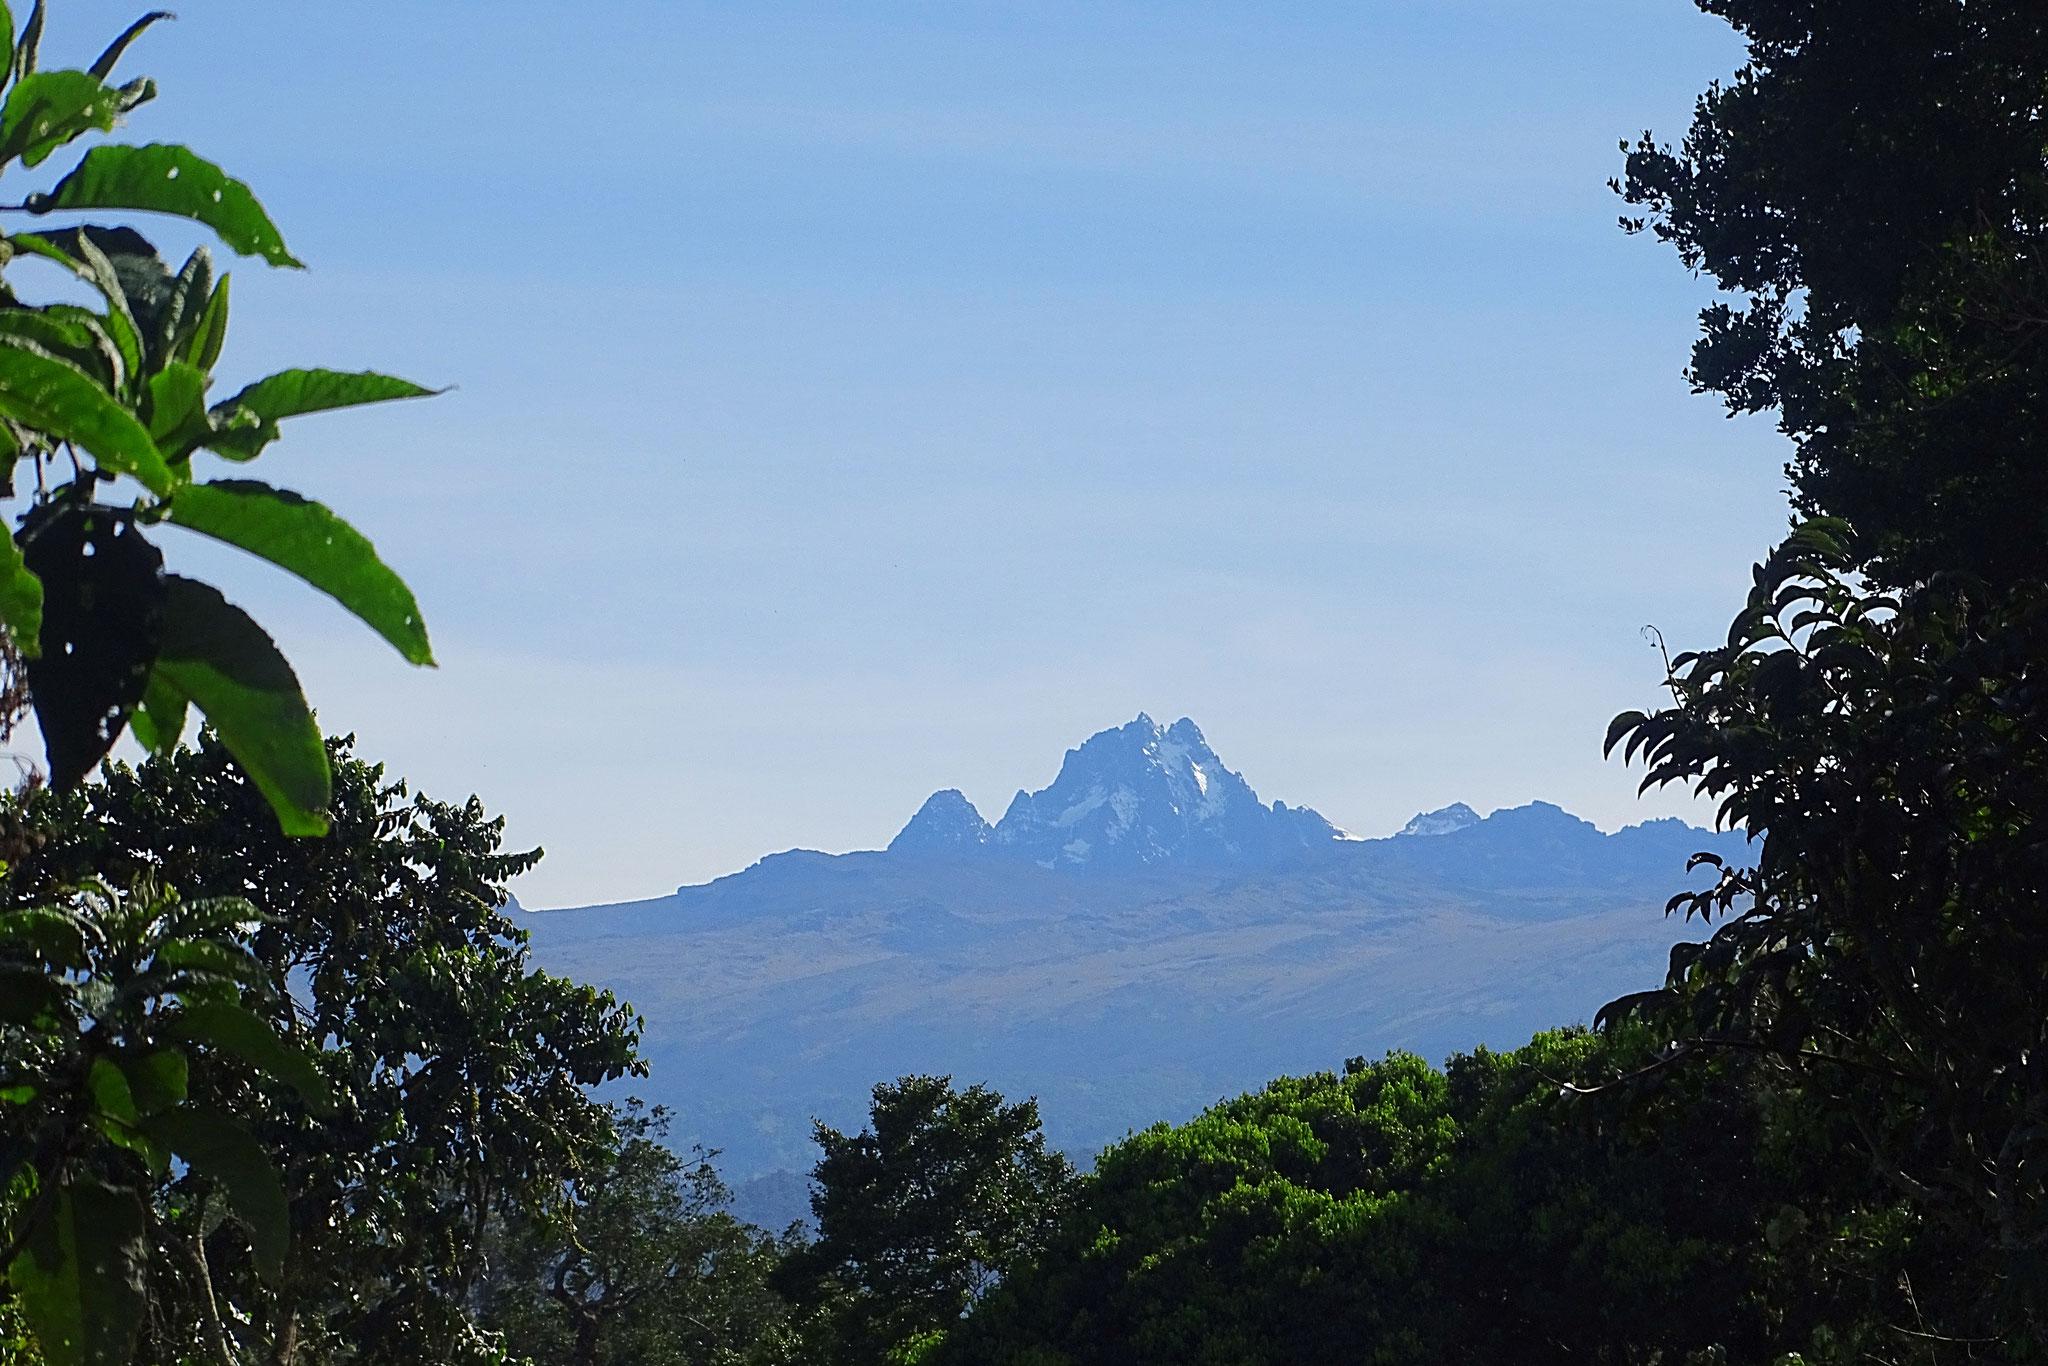 Gipfel des Mount Kenya